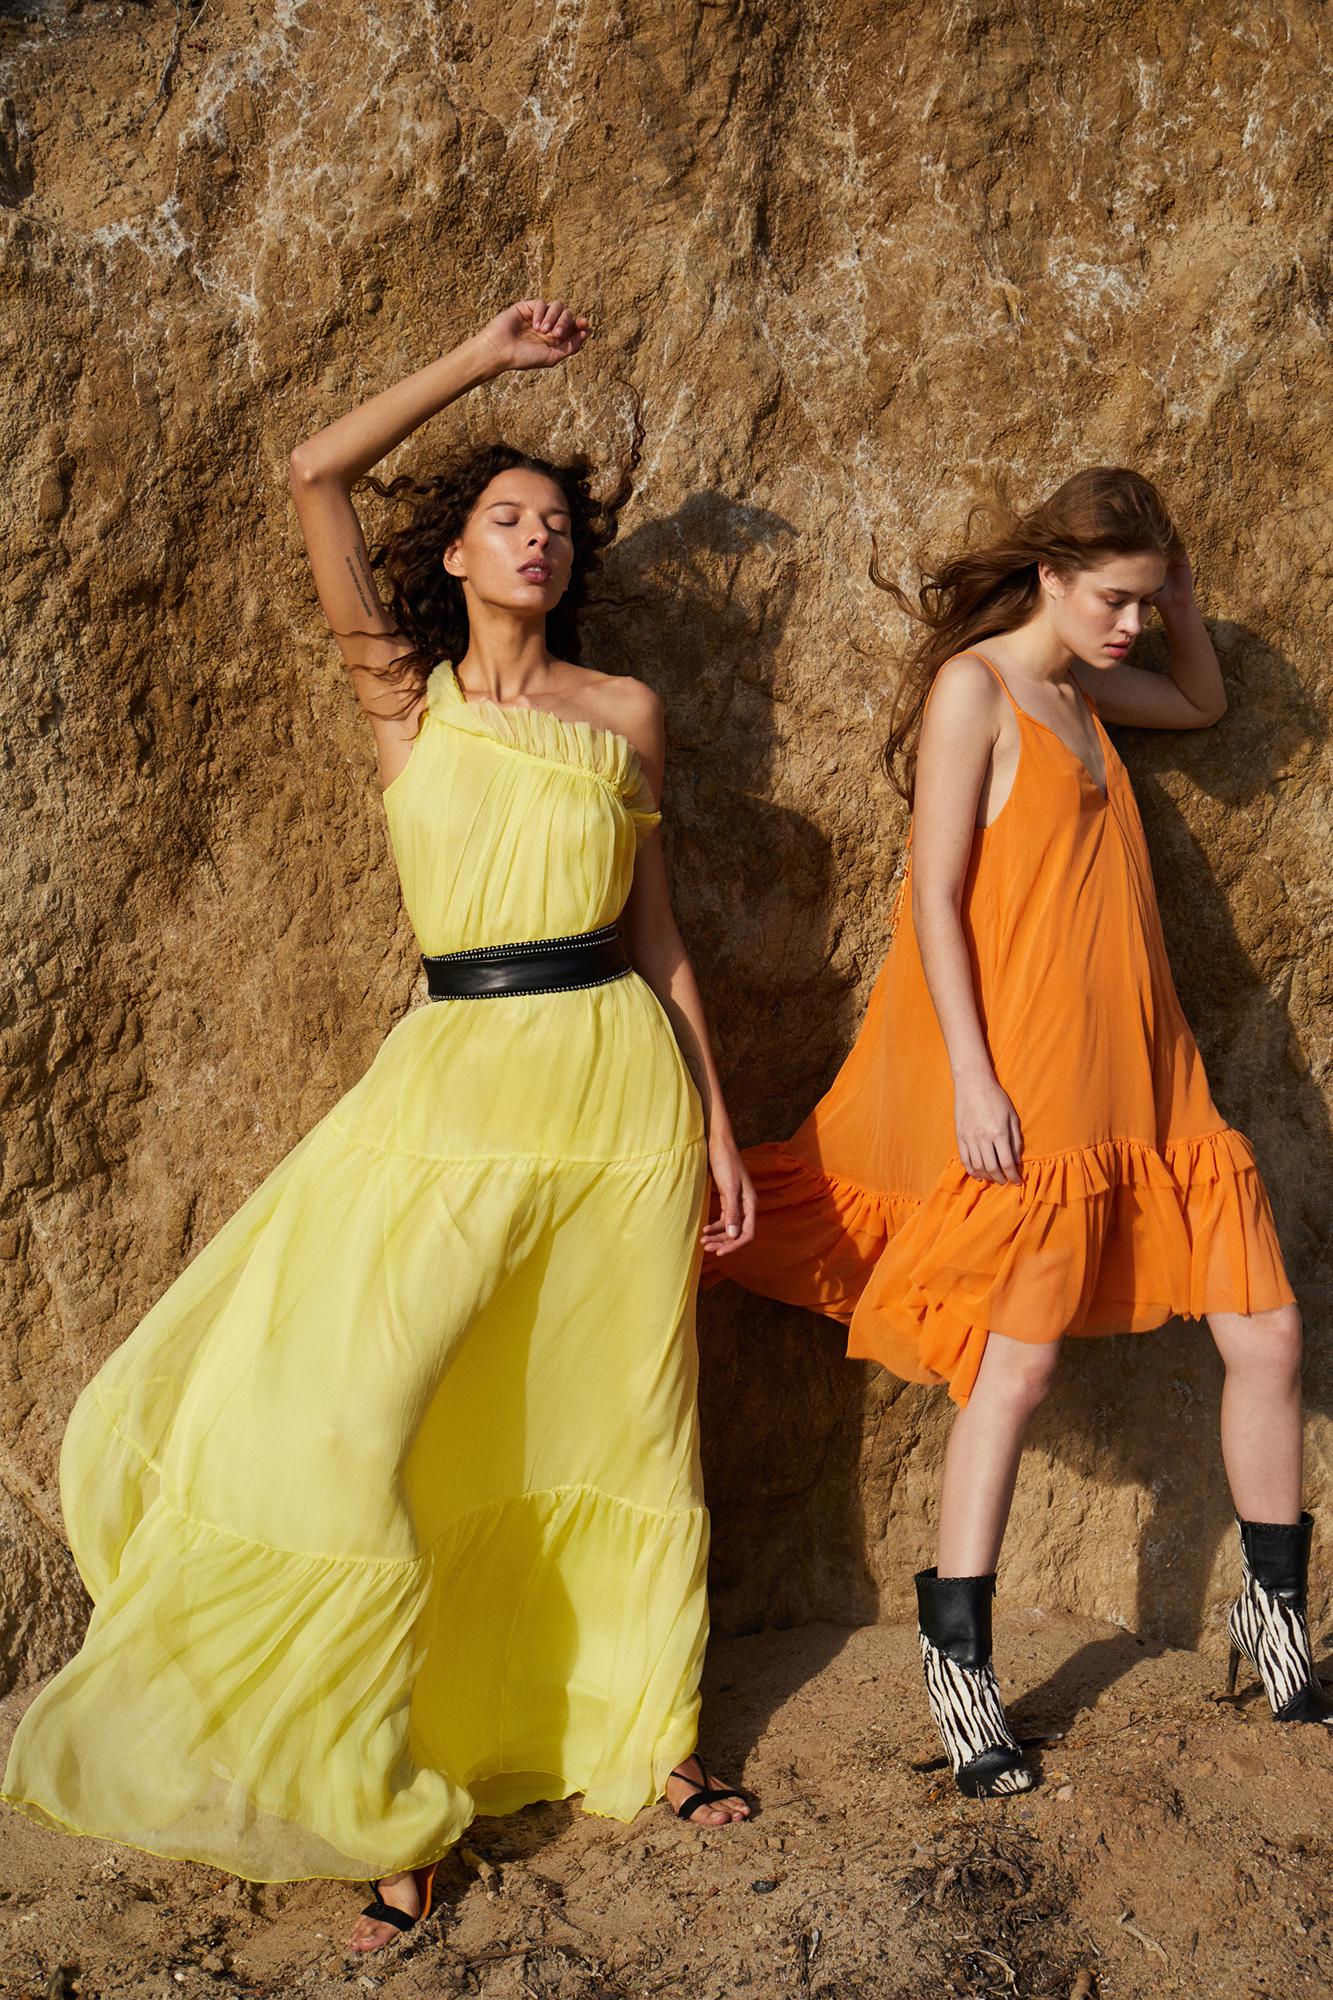 Buty do sukienki - jak dobrać? Stylowe i wygodne propozycje